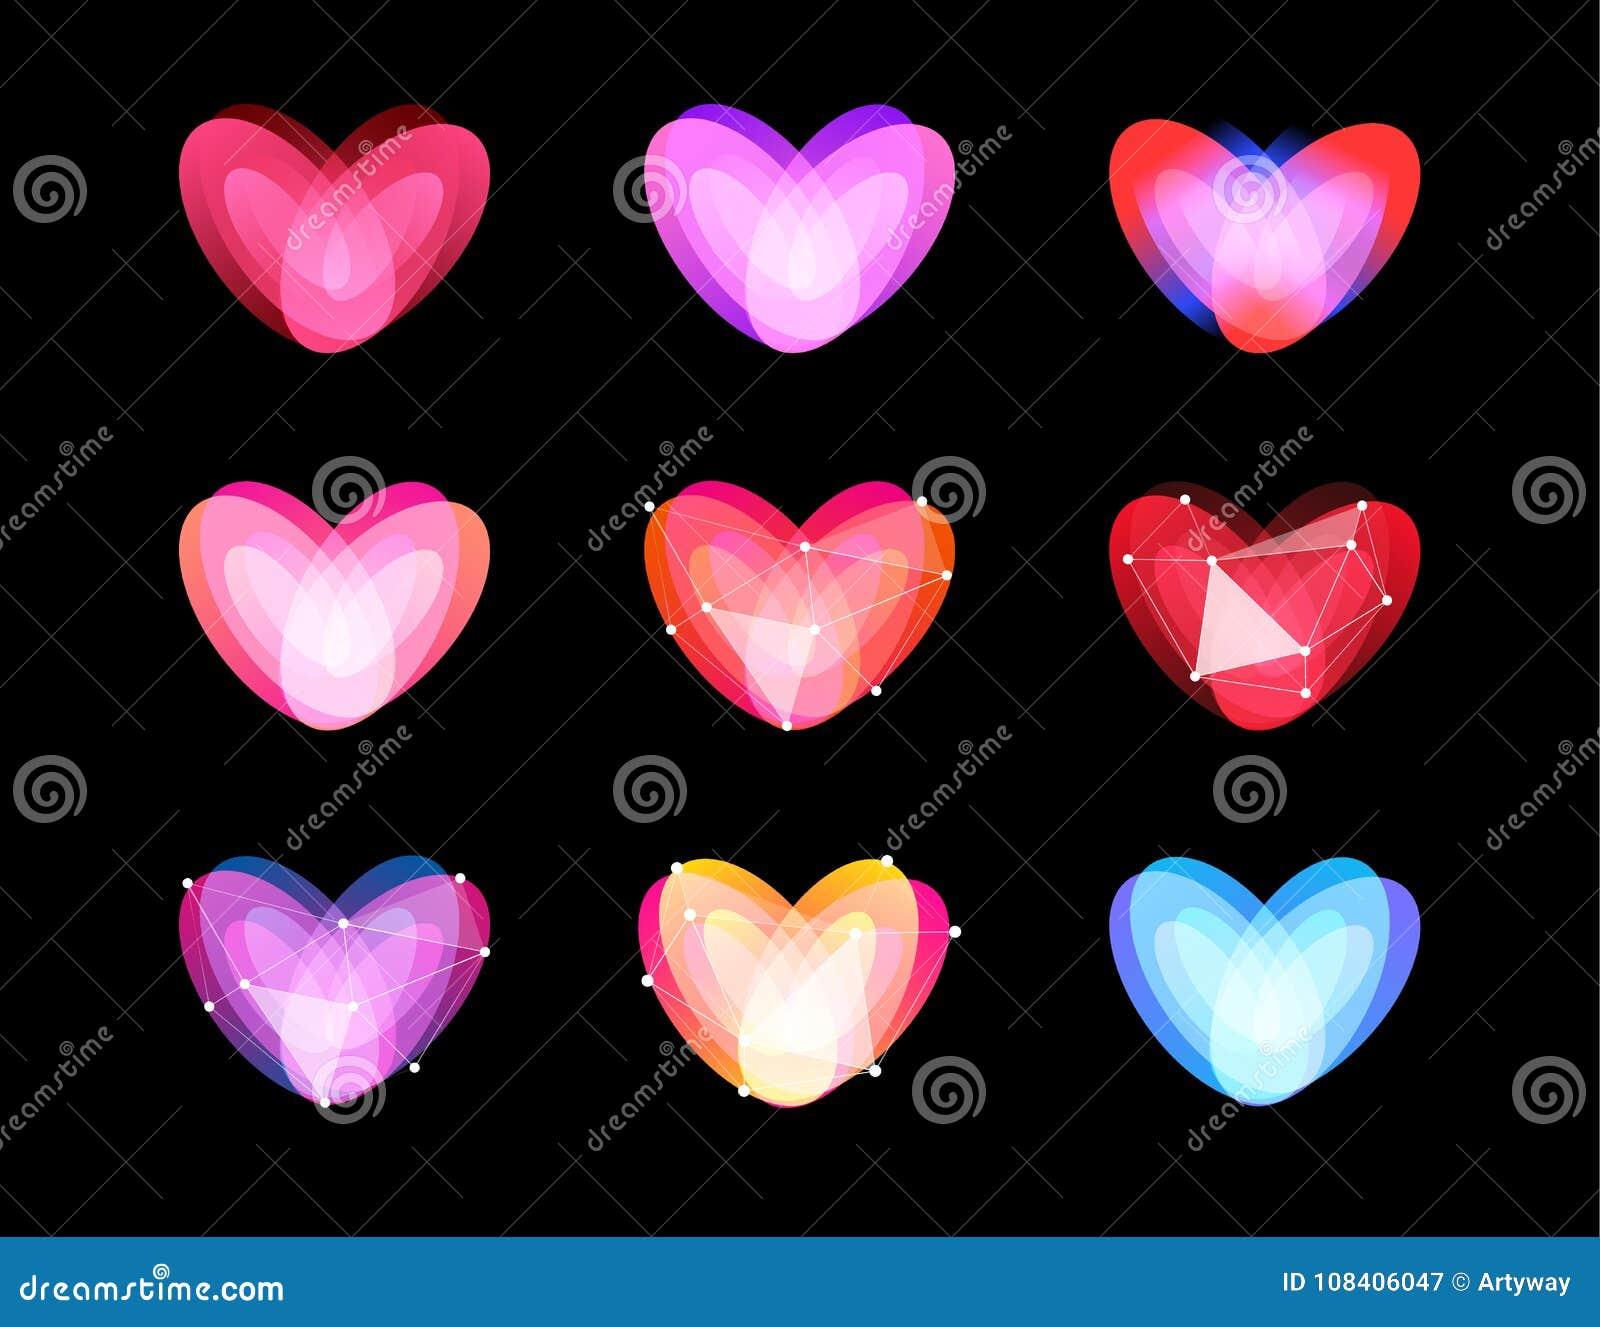 Ασυνήθιστη συλλογή καρδιών ομορφιάς Αφηρημένο polygonal σχέδιο Σύμβολα ημέρας βαλεντίνων, διανυσματικό ilustration Λογότυπο αγάπη